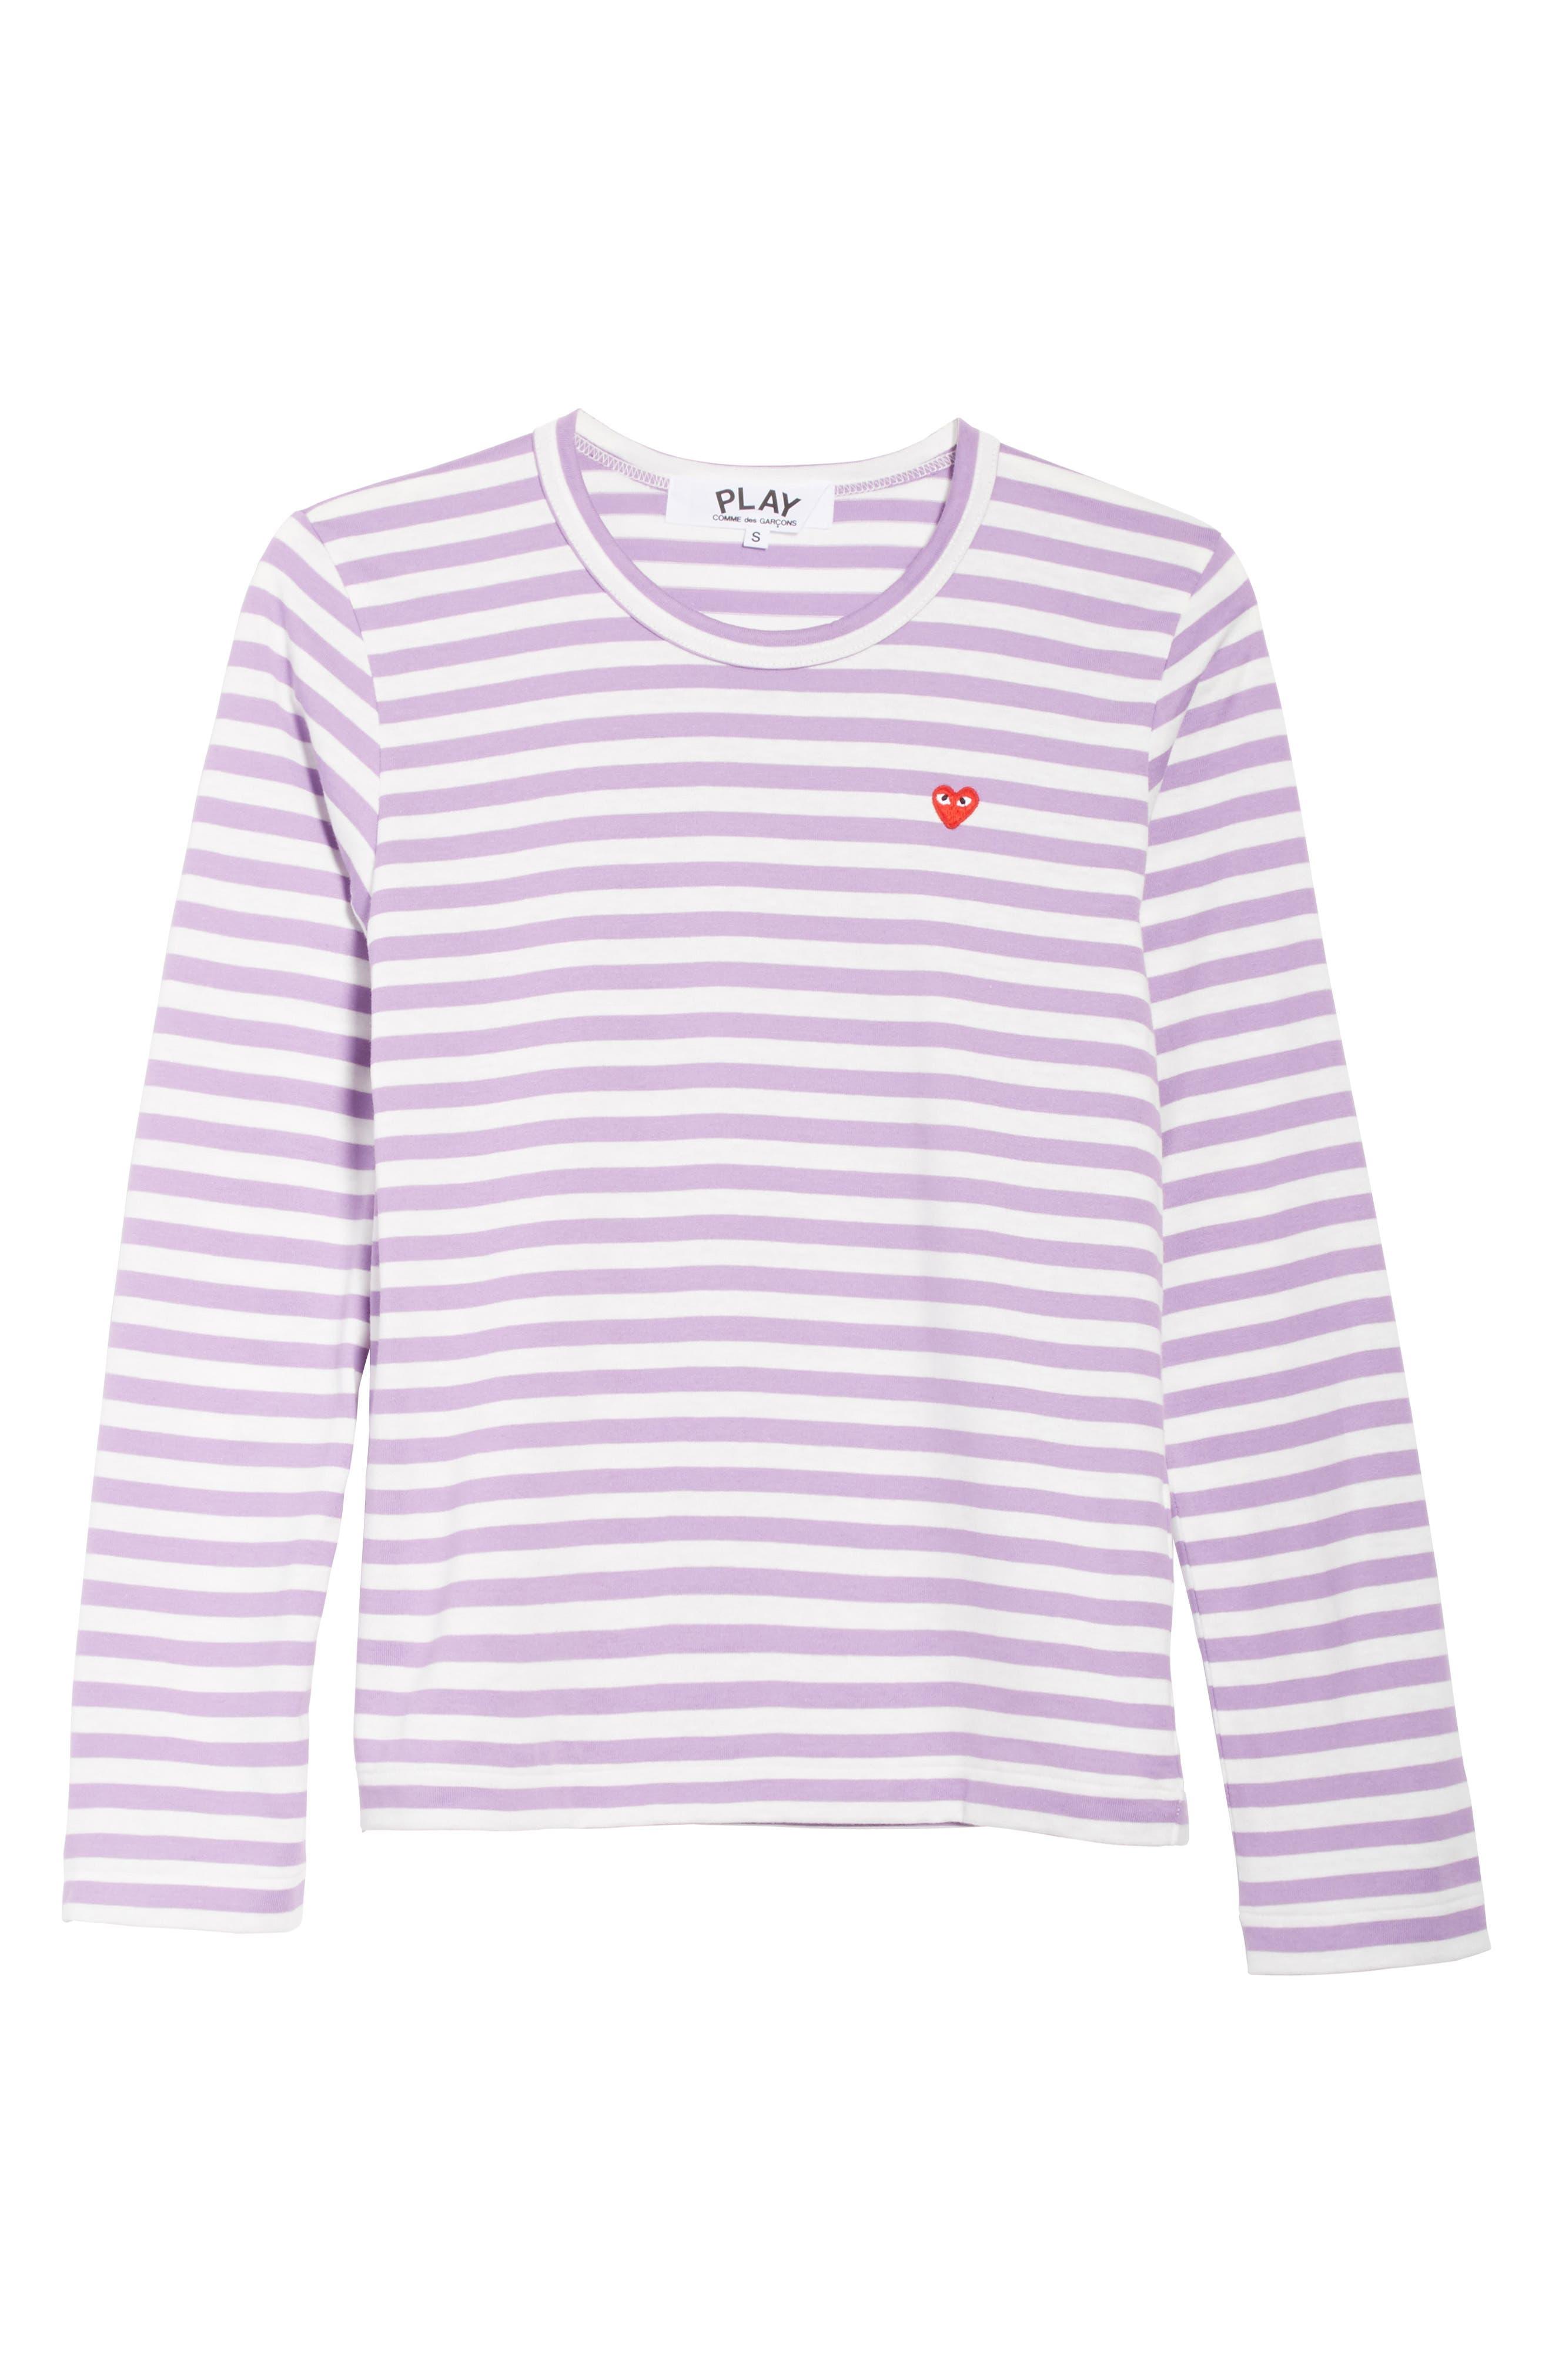 Comme des Garçons PLAY Stripe Tee,                             Alternate thumbnail 6, color,                             Purple